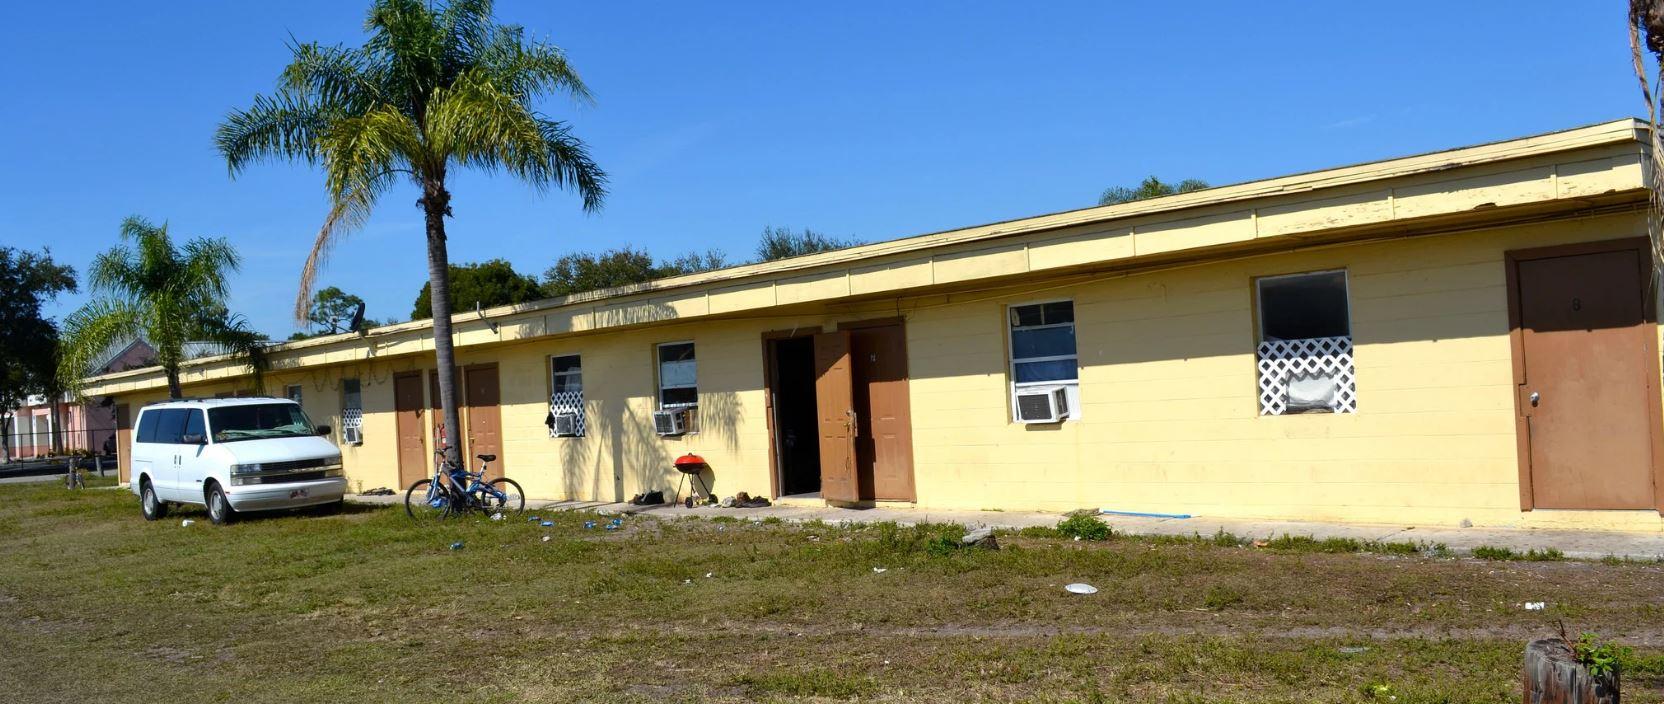 poverty-in-Florida.jpg